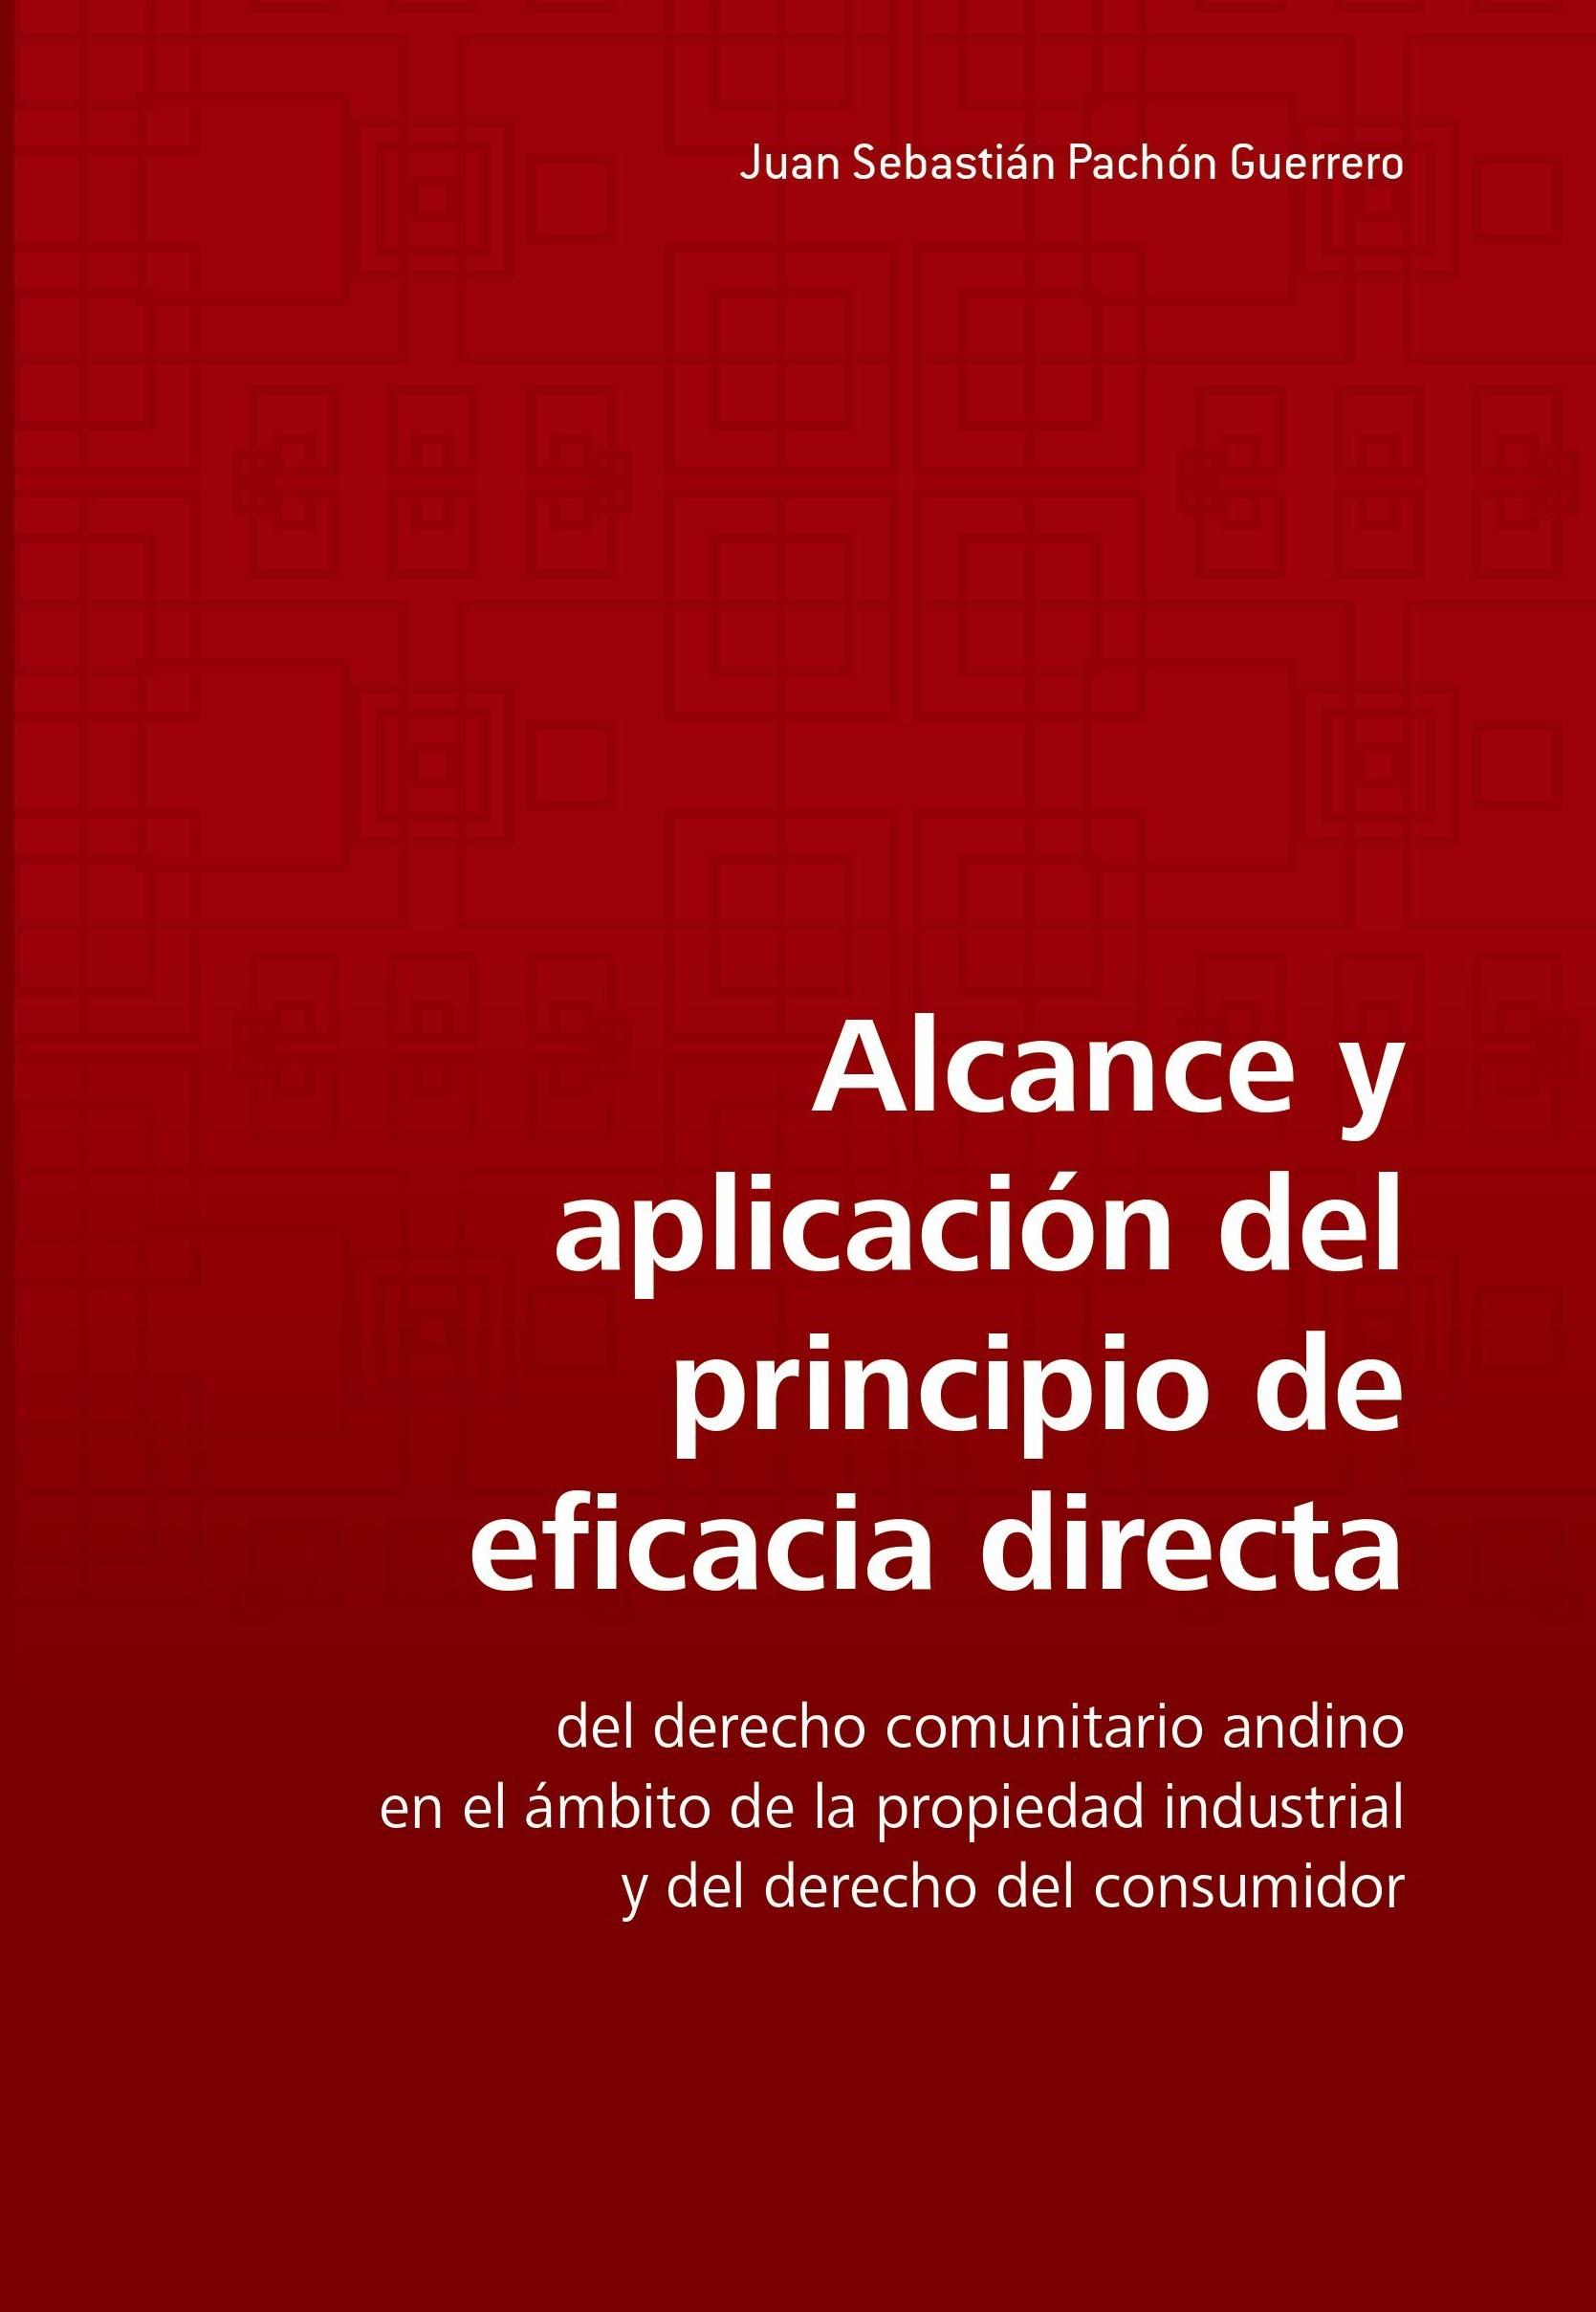 Alcance y aplicación del principio de eficacia directa del derecho comunitario andino en el ámbito de la propiedad industrial y del derecho del consumidor